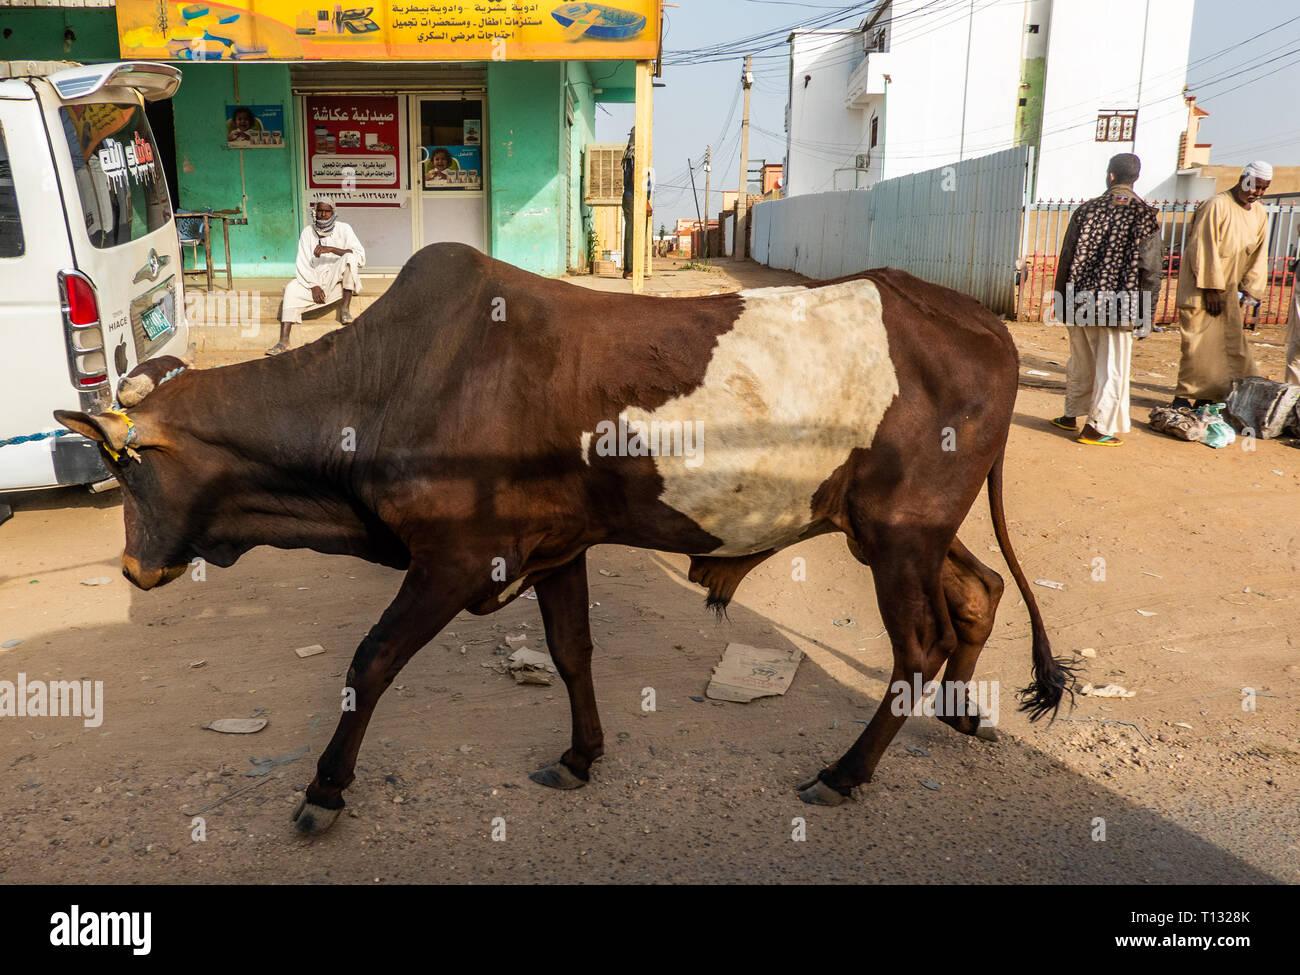 Nuri, Sudan, Februar 7., 2019: Ox mit braunen und weißen Fell ist durch die Straßen der Stadt im Sudan gezogen, auf dem Weg zum Schlachthof. Stockbild